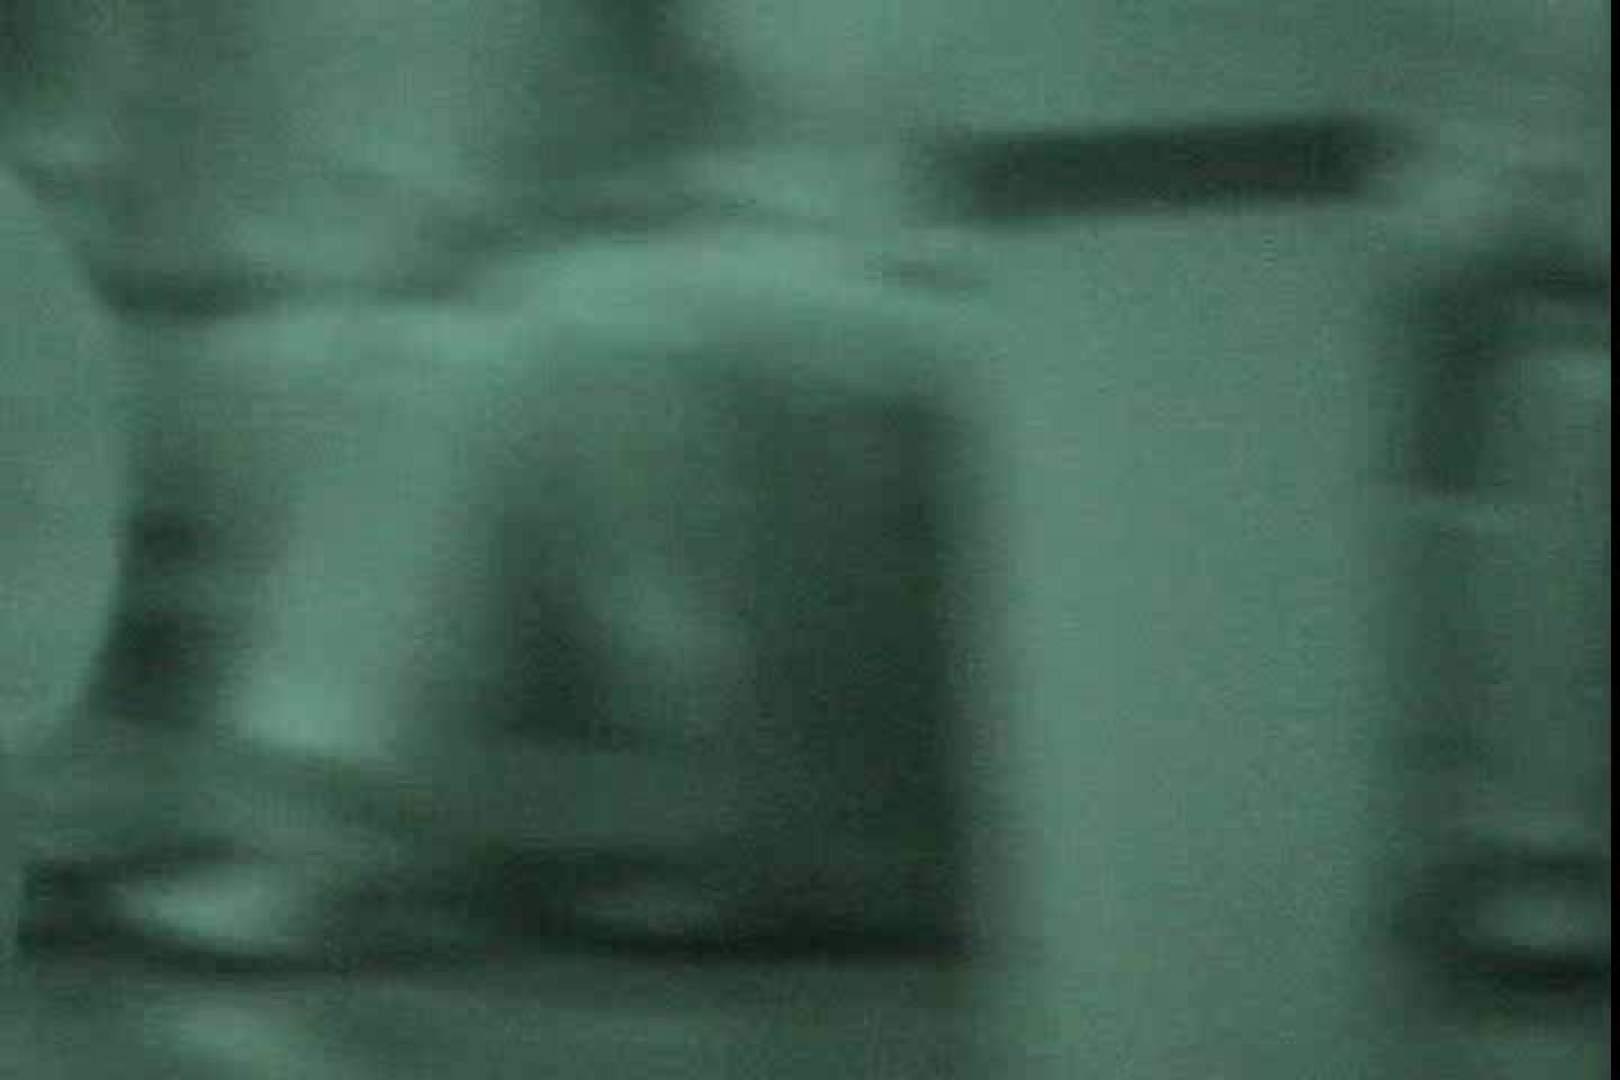 赤外線ムレスケバレー(汗) vol.05 赤外線 | 美しいOLの裸体  79pic 76